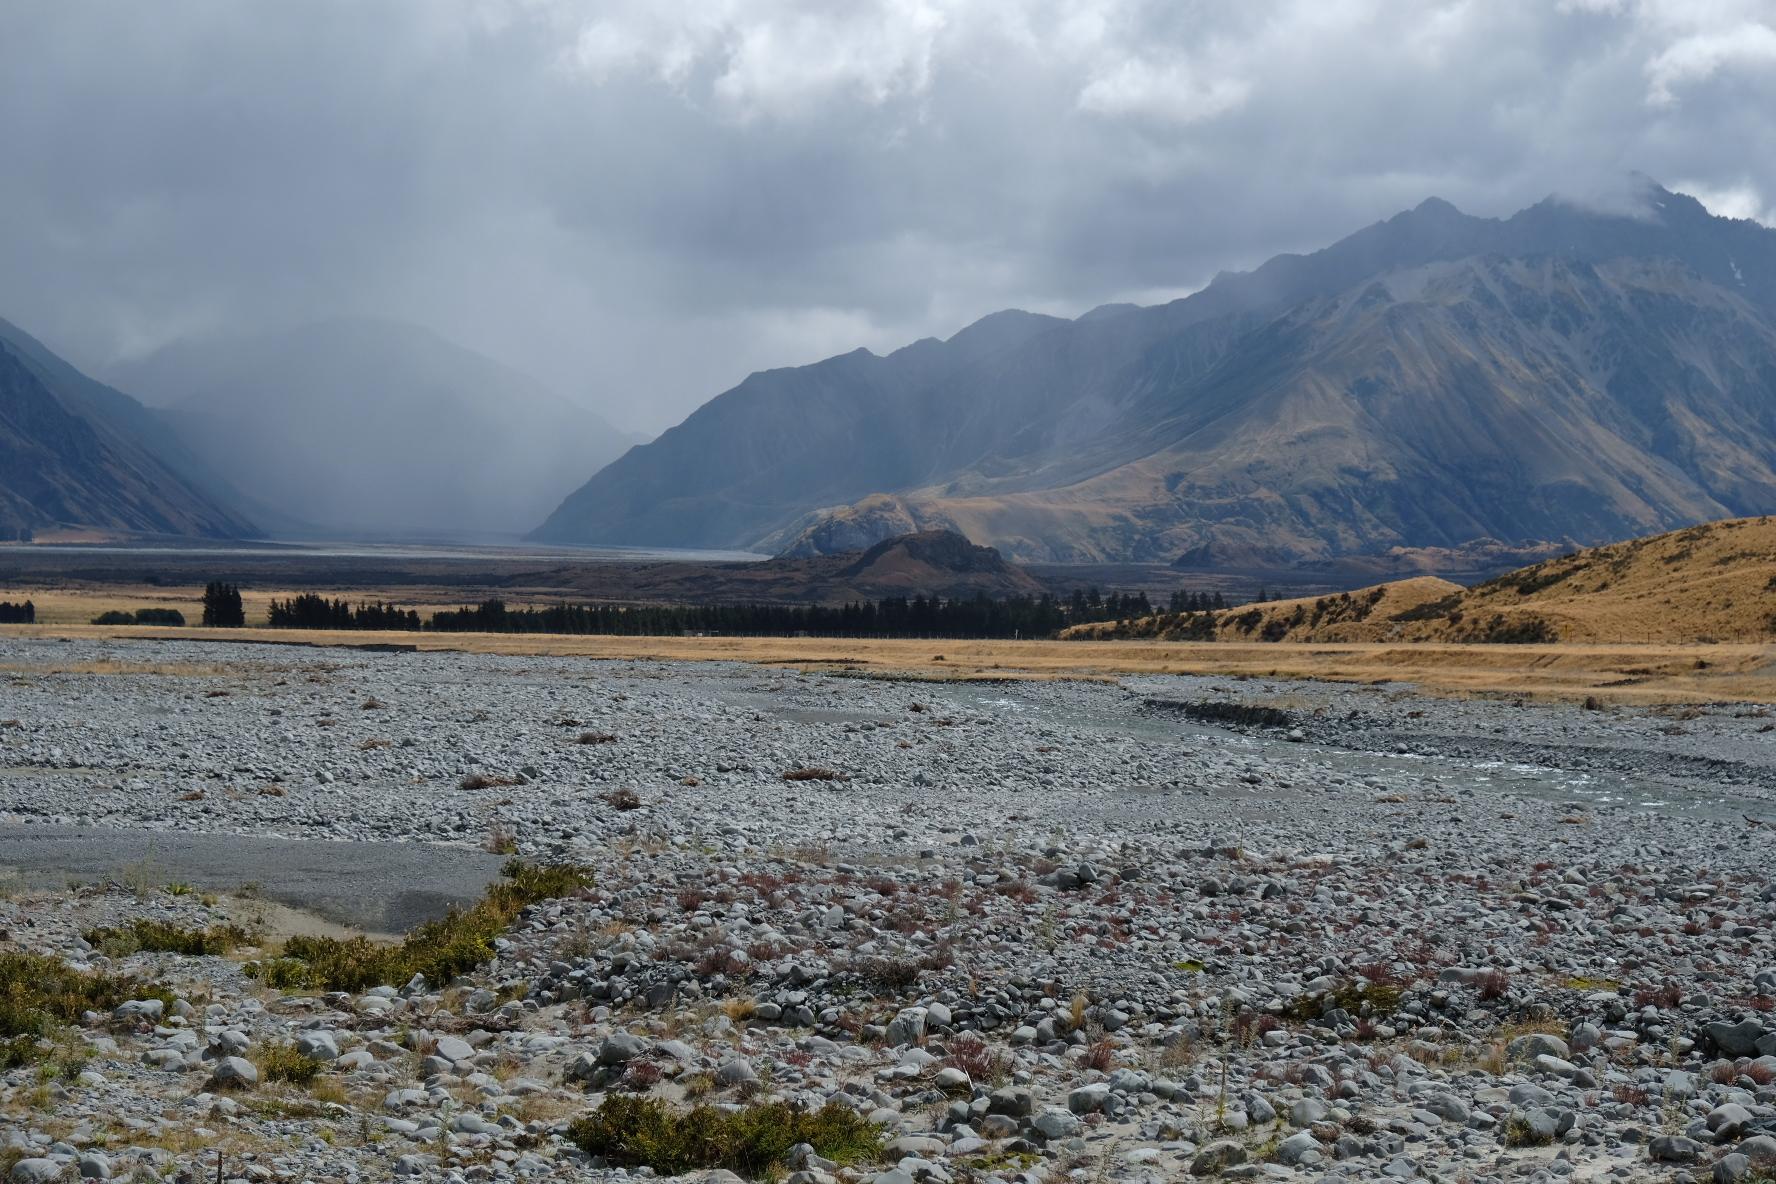 Rangitata with Mt. Sunday/Edoras on the foreground